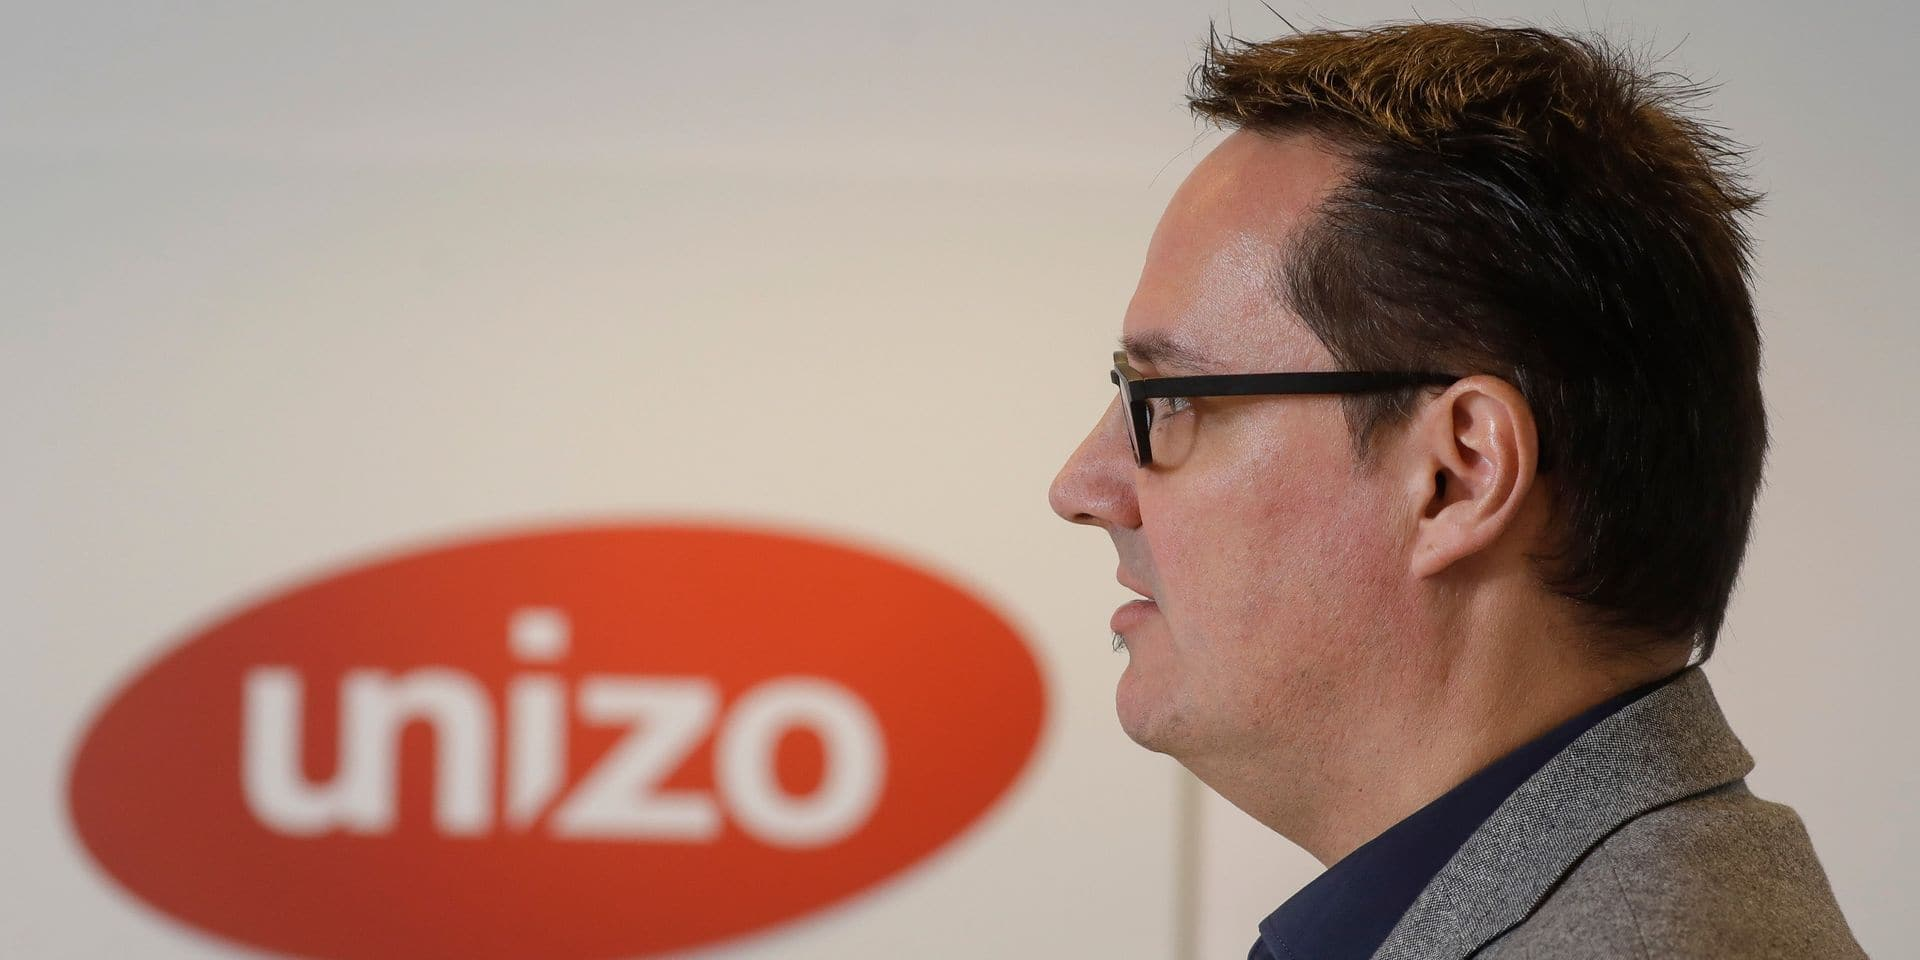 """""""Vous ne pouvez pas ignorer les entreprises des secteurs obligés de fermer tant qu'il leur est légalement interdit de générer du chiffre d'affaires et des flux de trésorerie"""", insiste Danny Van Assche, le patron d'Unizo."""